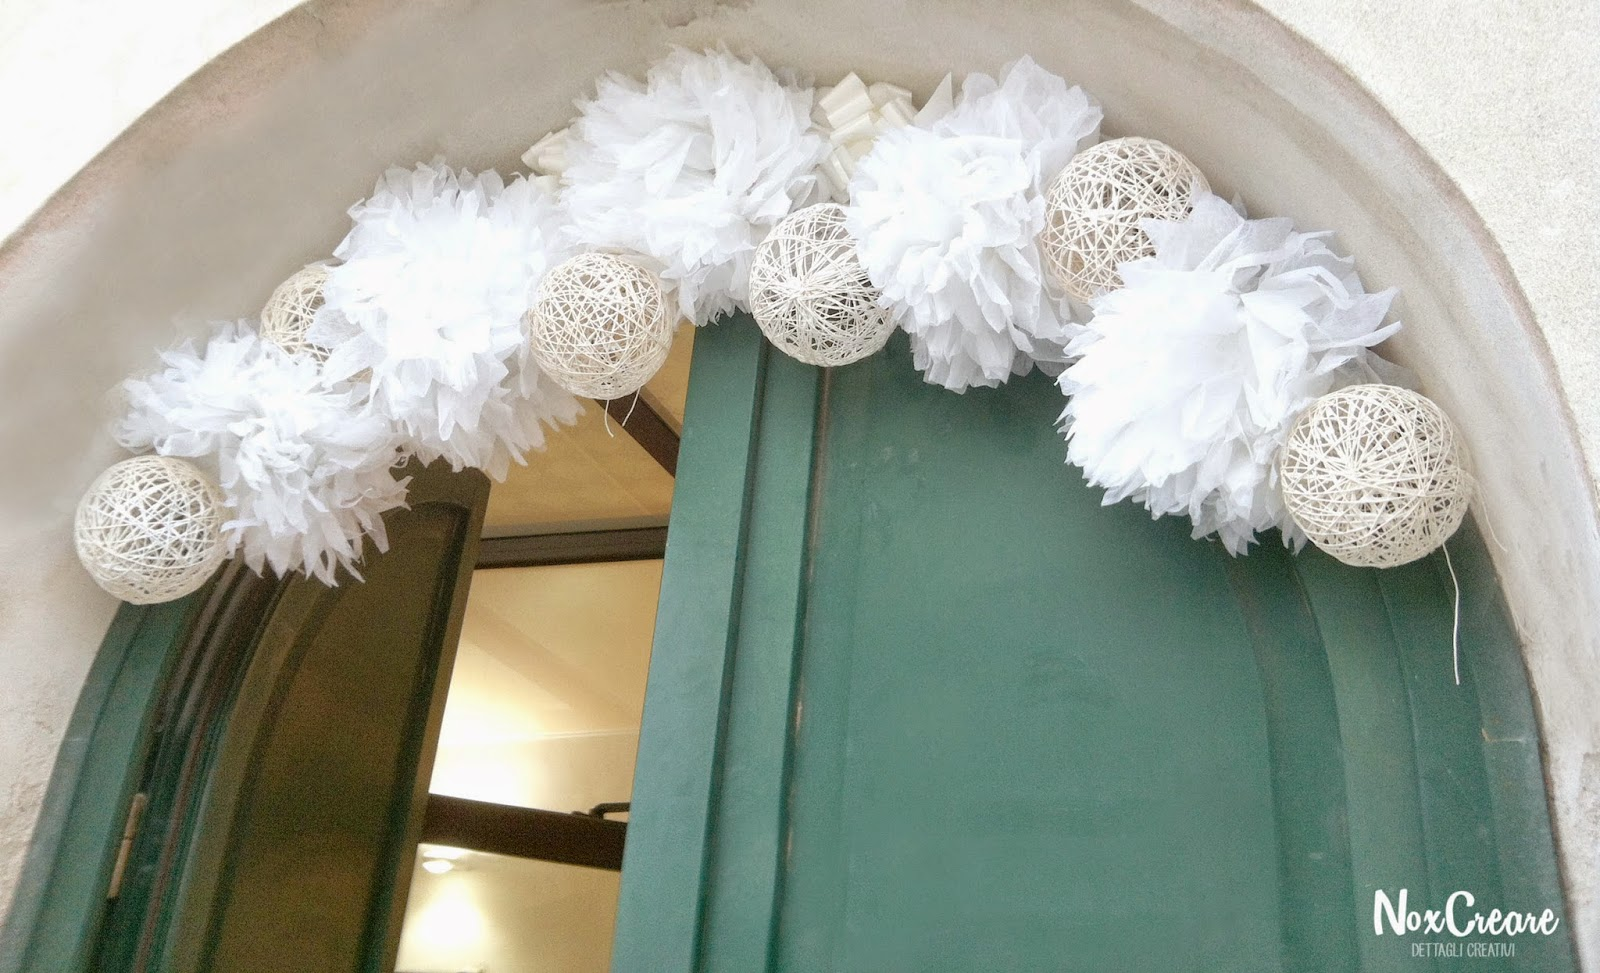 Noxcreare come risparmiare con stile decorazioni matrimonio a f - Decorare un arco per natale ...